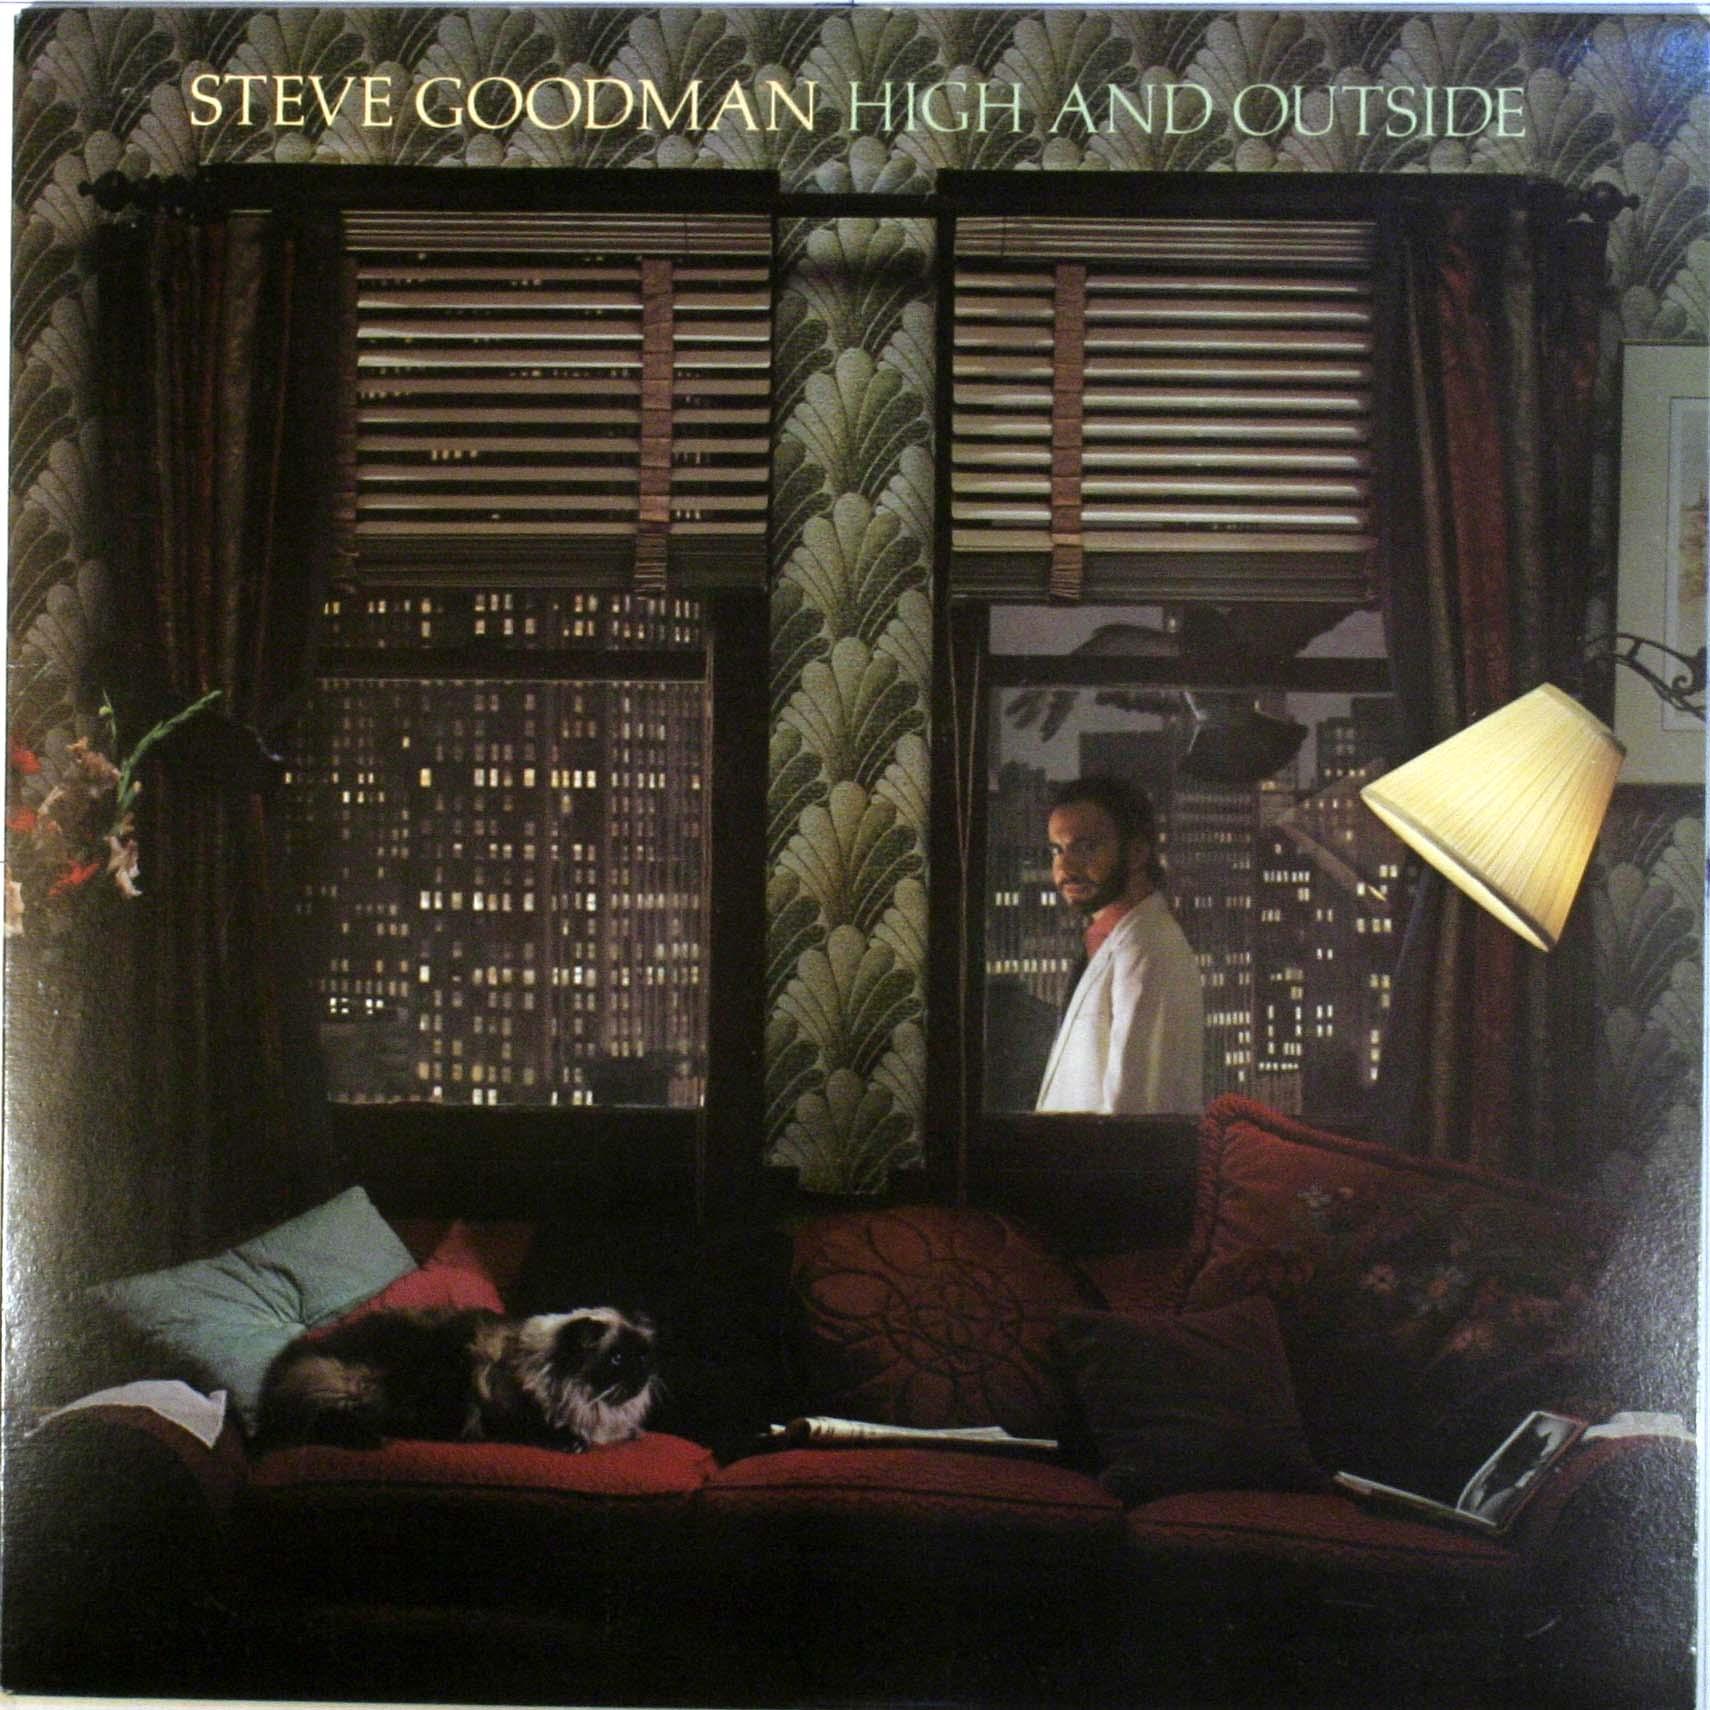 Steve Goodman - High And Outside CD